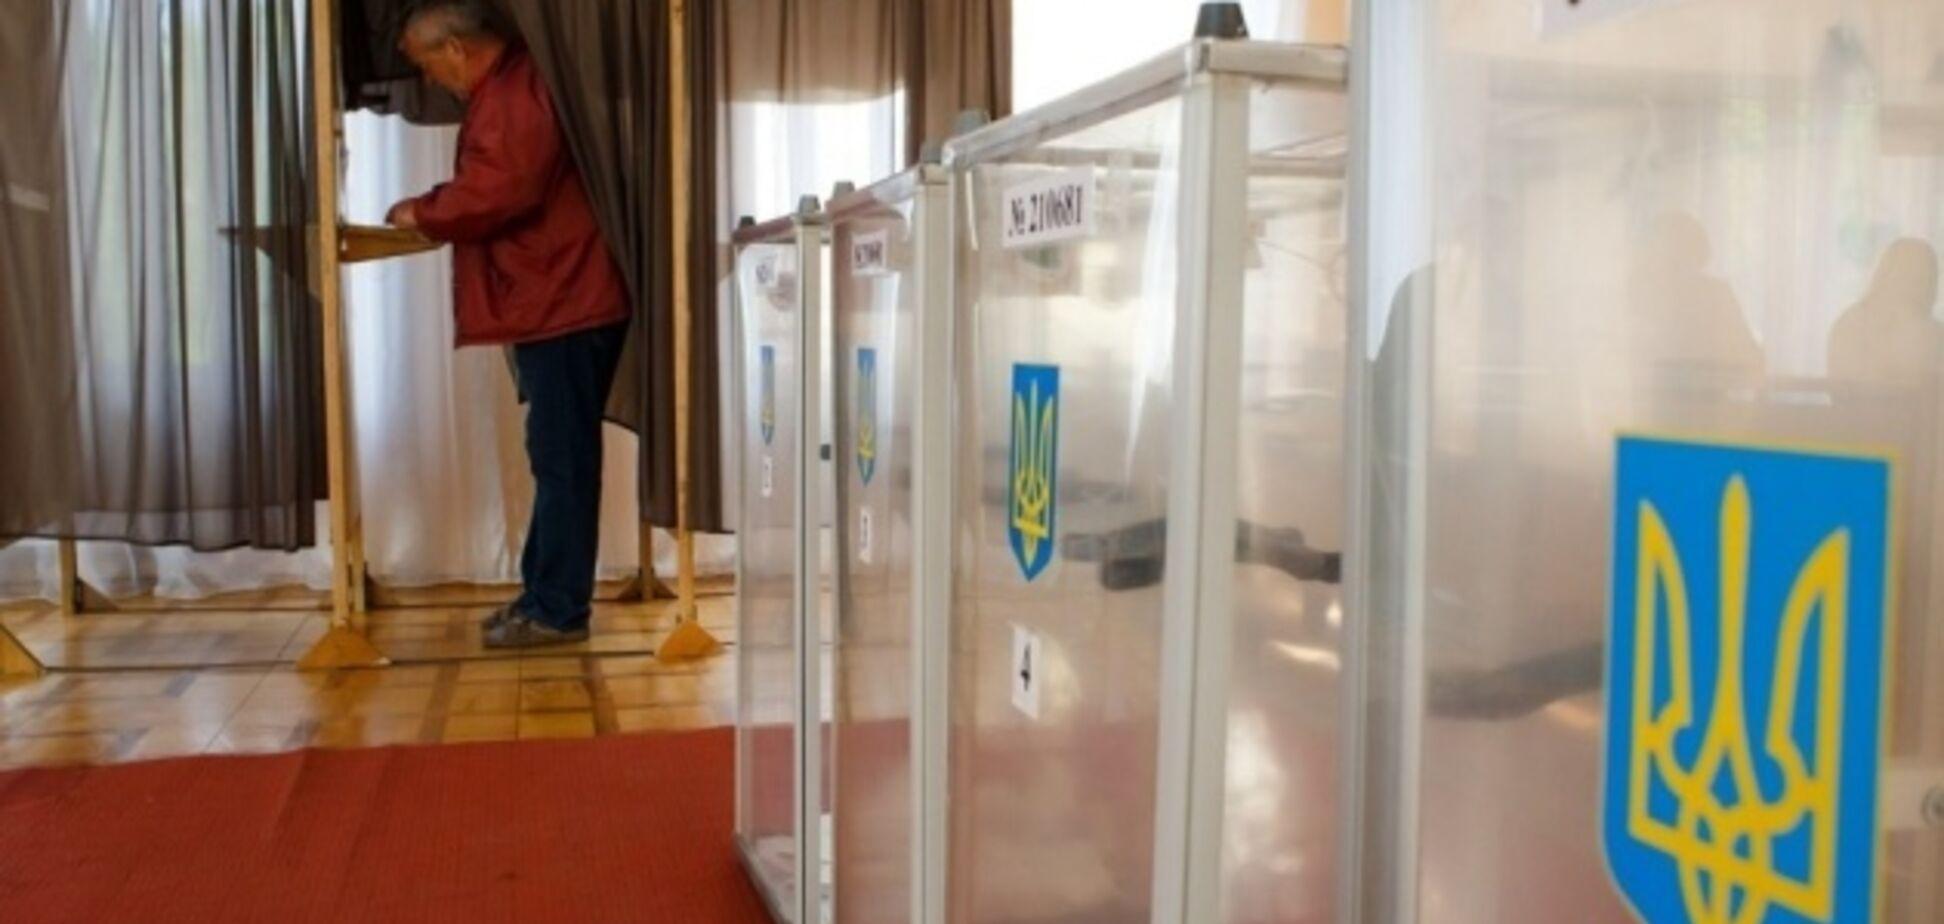 'Порожняк не гонять': в мережі помітили цікавий нюанс про 'надлюдей' на виборах